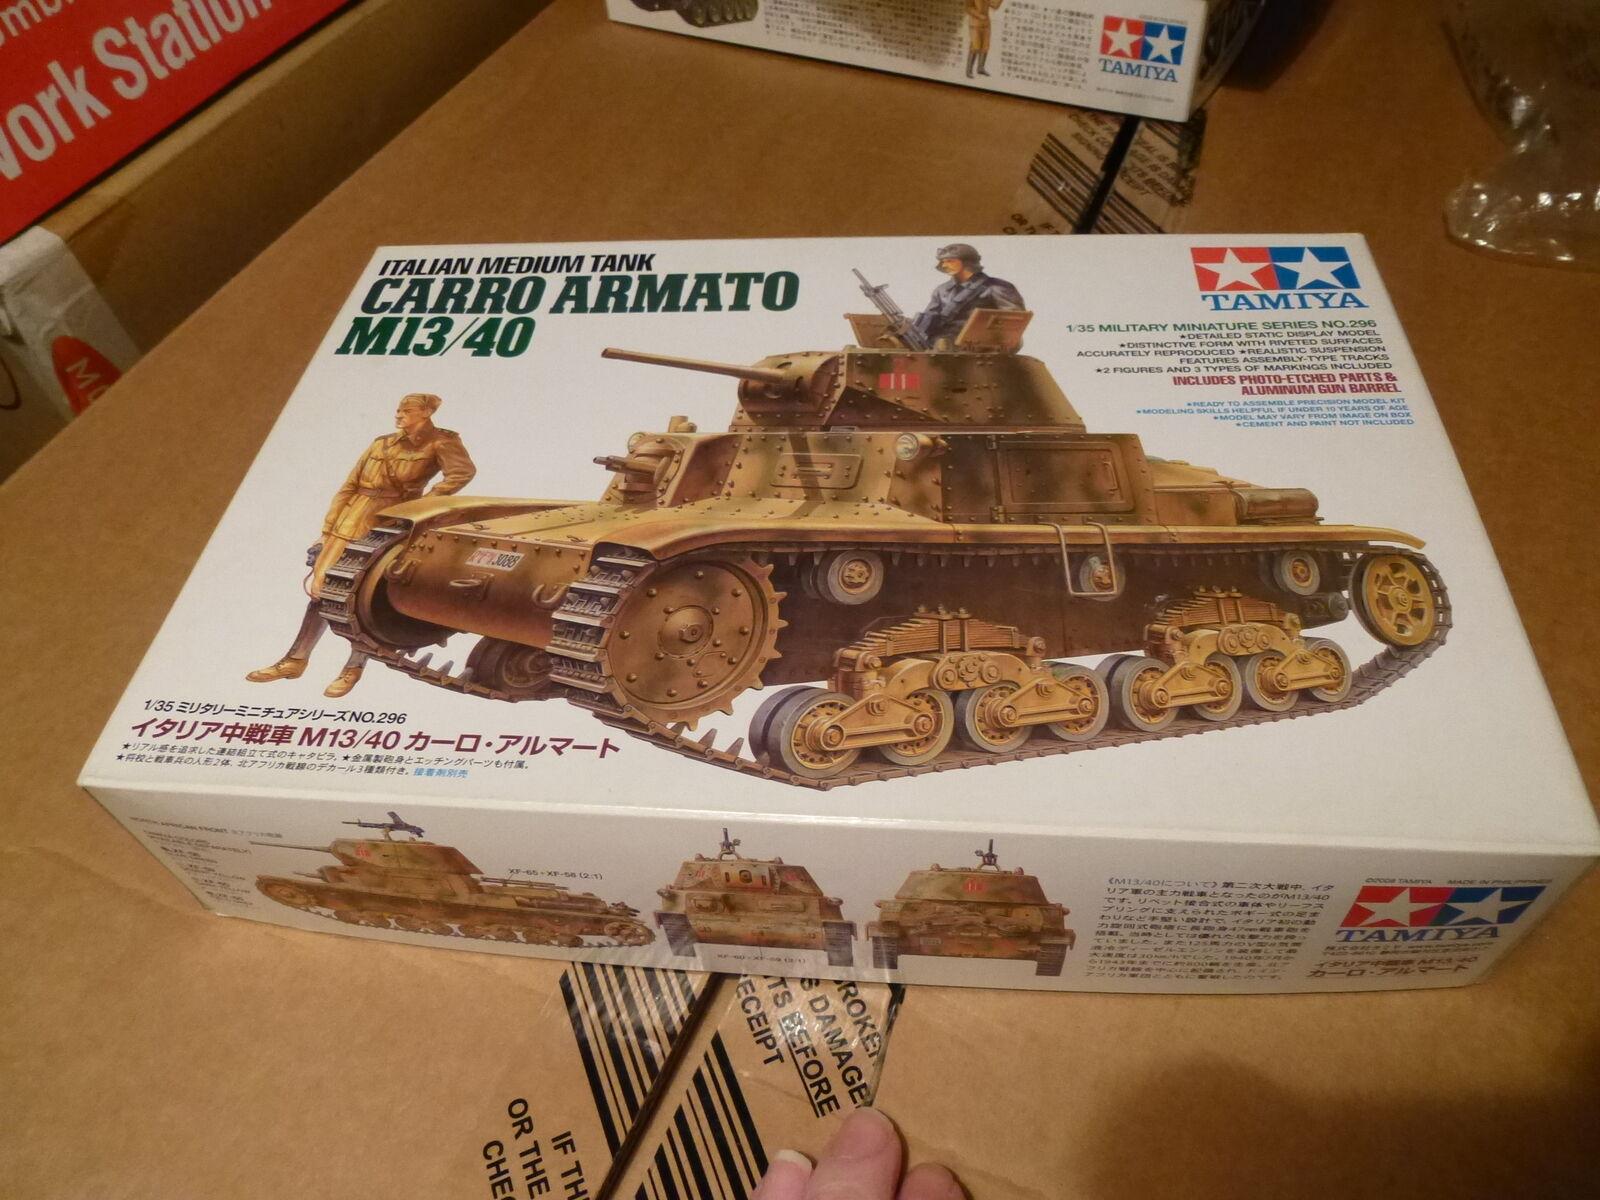 Tamiya 1 35 Italian Medium Tank Carro Armato M13 40